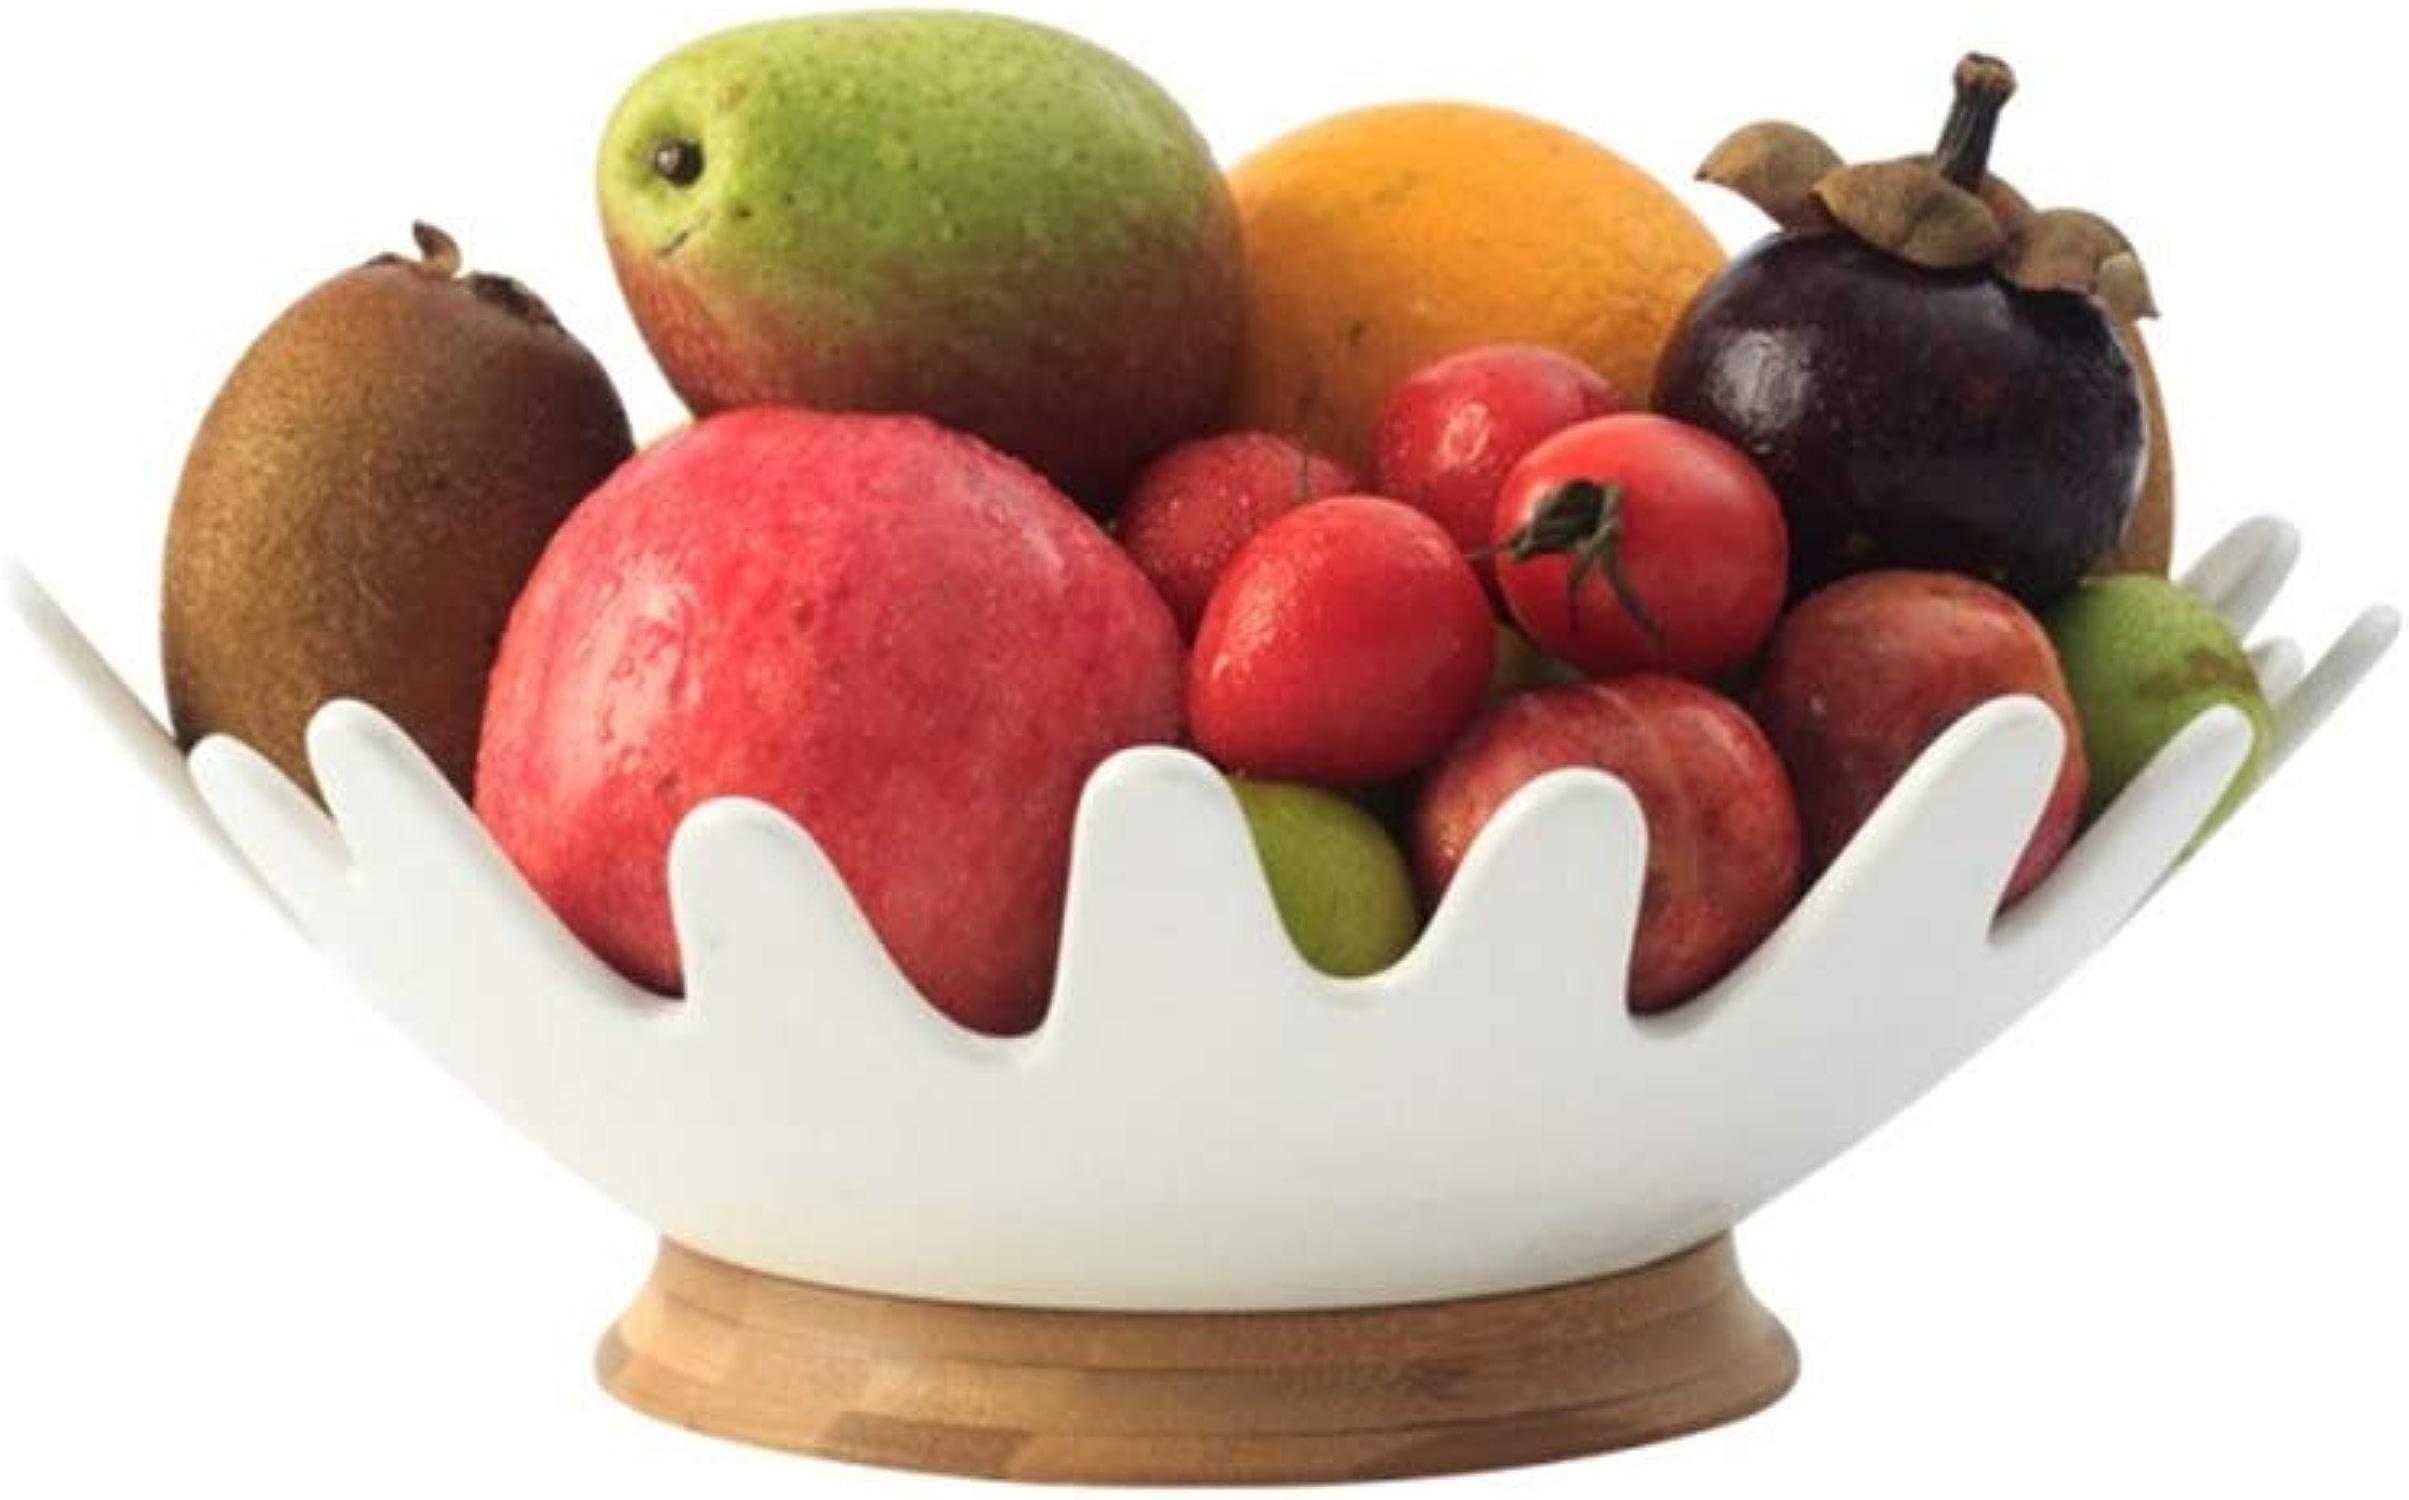 MING'FRUIT Panier de fruits simple créatif salon base de bambou en céramique bol de fruits salon multi-focus présentoir -0923